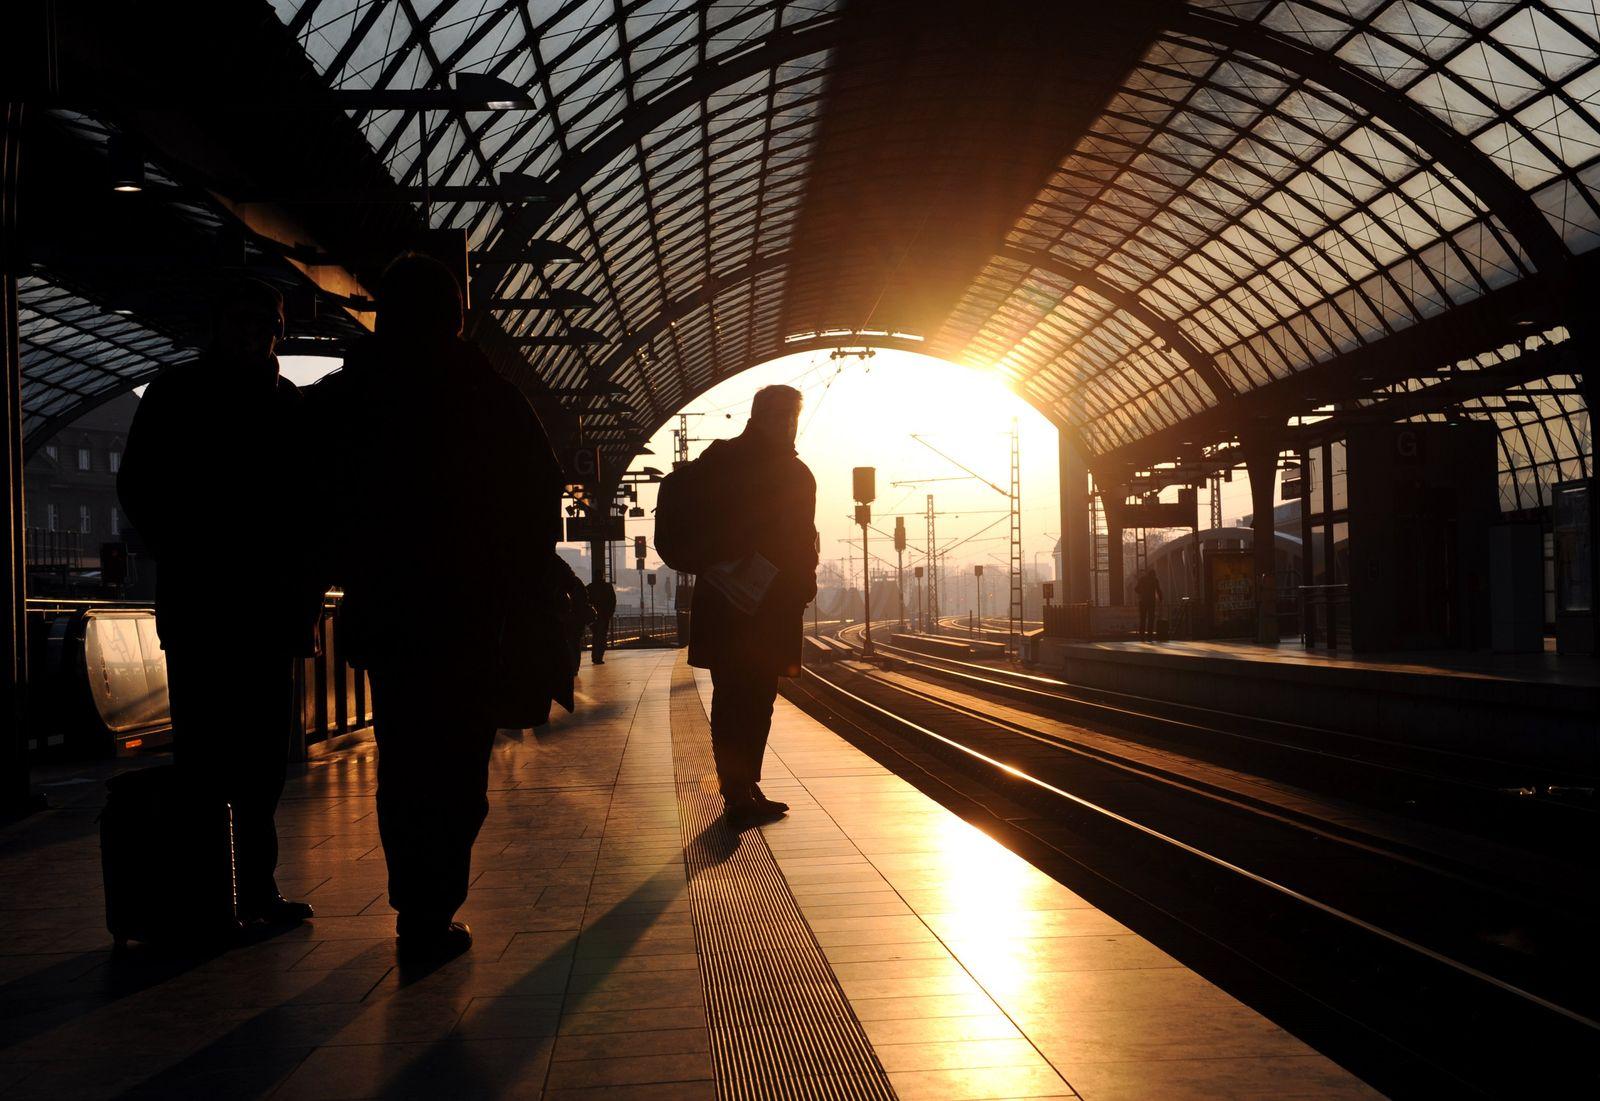 Streik/ Bahn/ Reisende